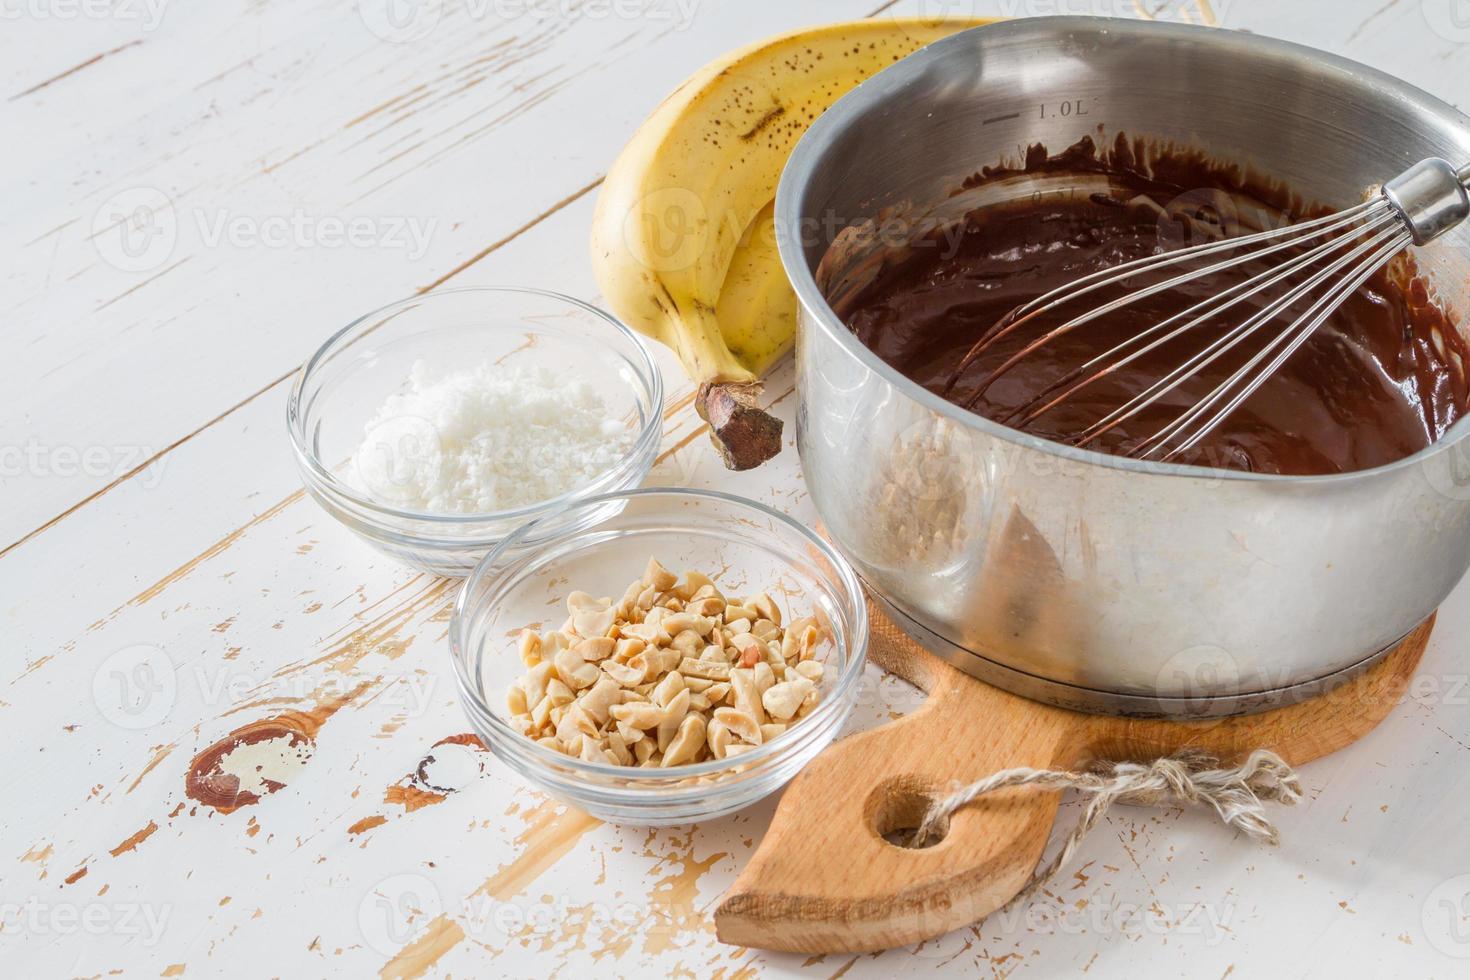 banaan pops voorbereiding - banaan, chocolade, noten, kokospoeder foto